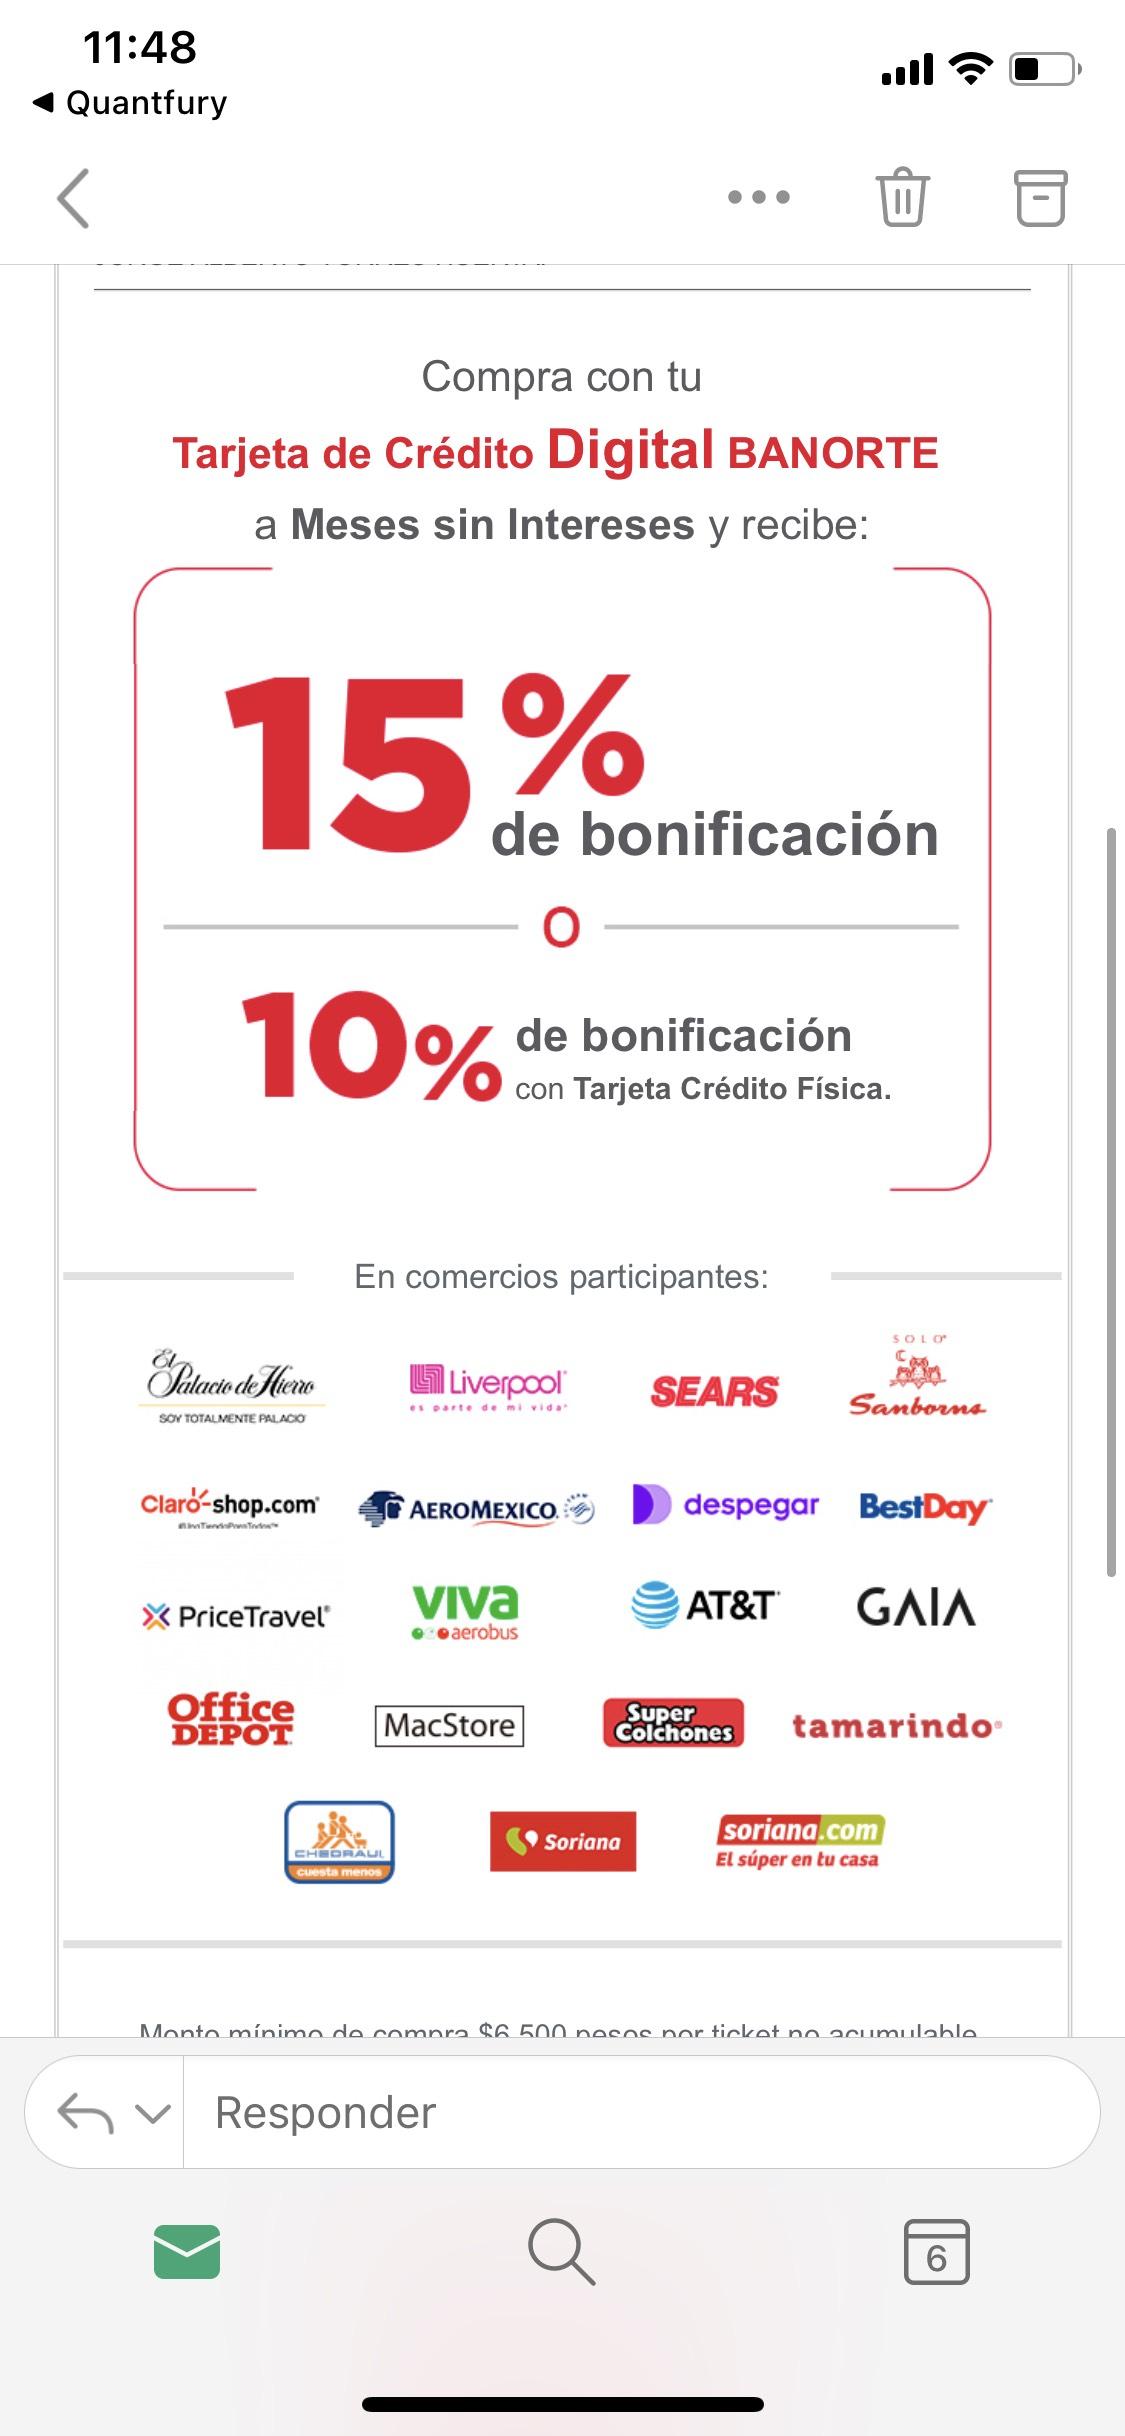 Banorte: 15% de bonificación Con tarjeta de crédito digital